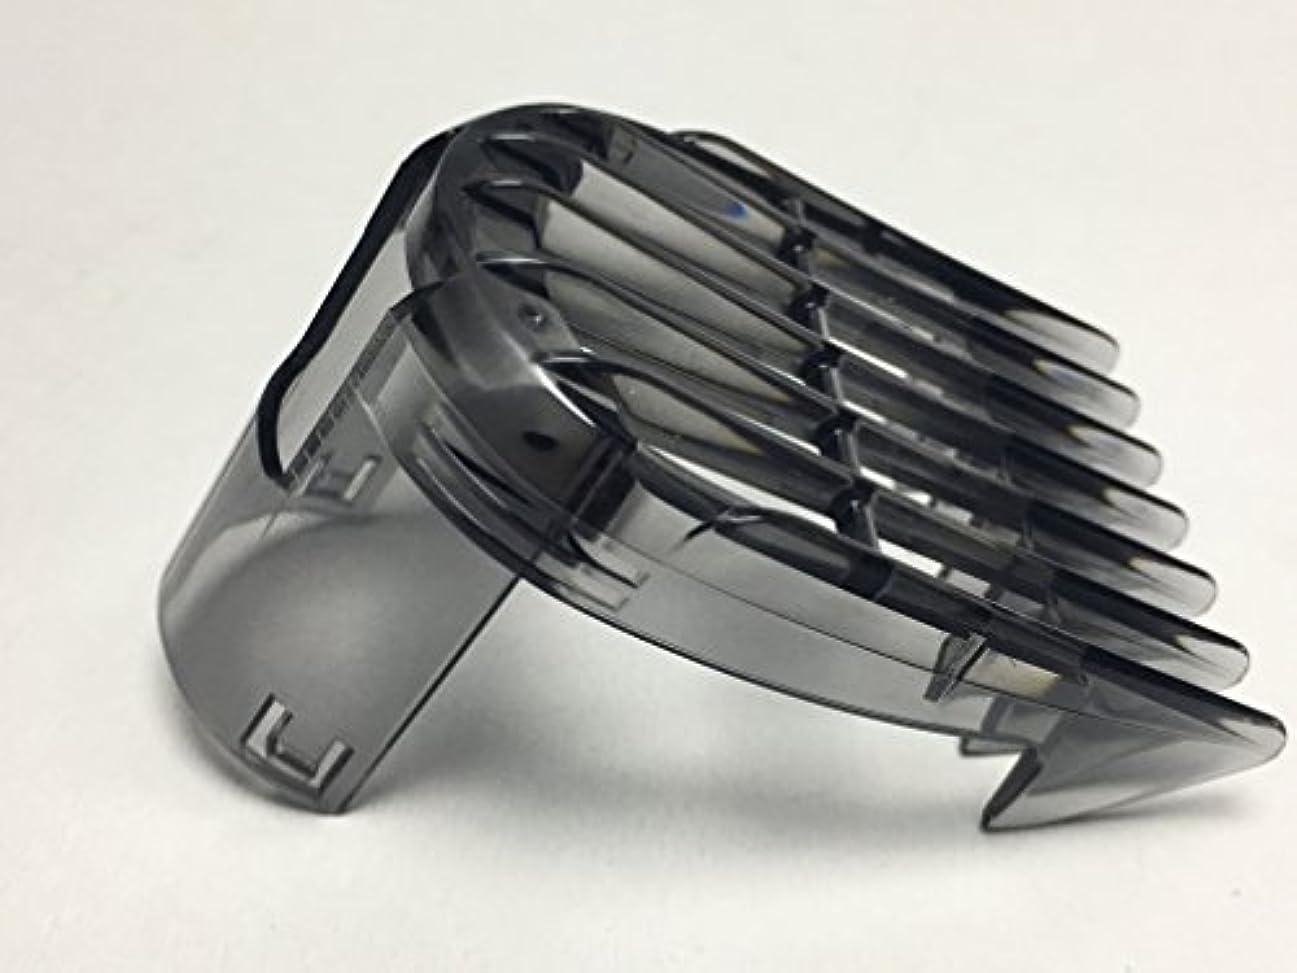 チチカカ湖早く悪質なシェービングカミソリトリマークリッパーコーム フィリップス Philips QC5572 QC5582 QC5572/15 QC5582/15 3-15mm ヘア 櫛 細部コーム Shaver Razor hair trimmer...